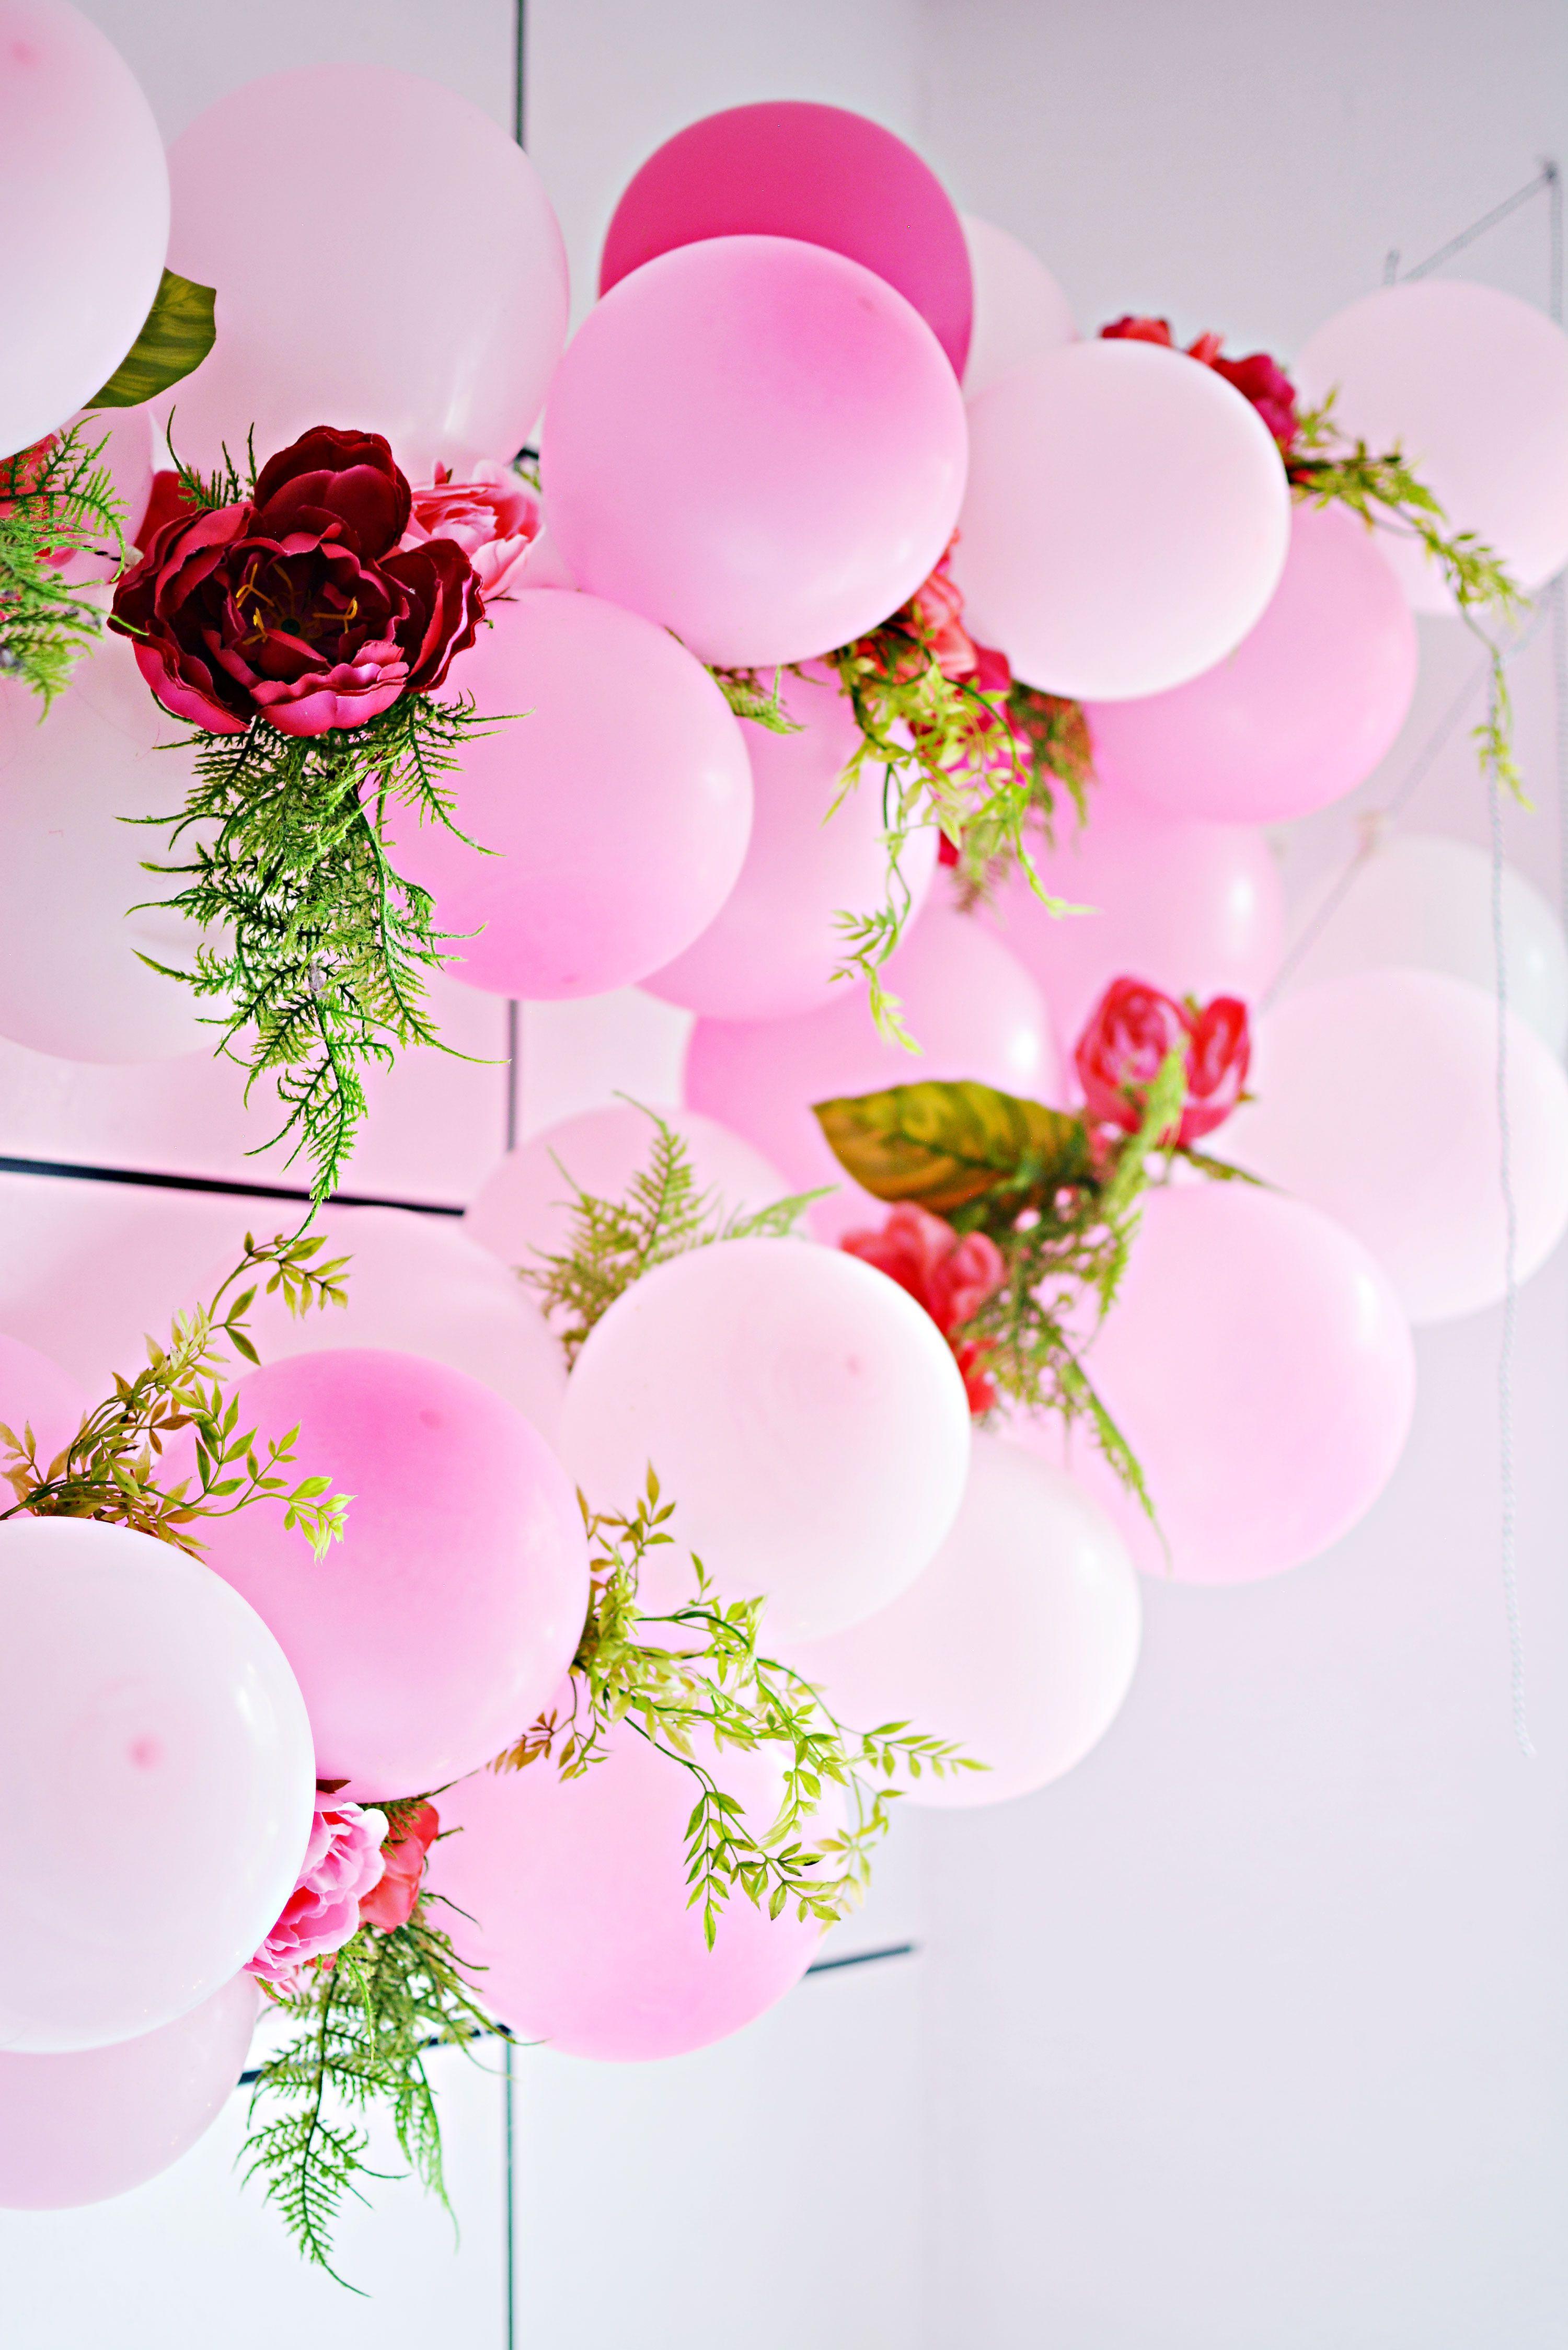 которой с днем рождения картинки шарики и цветы картинки дом расположен